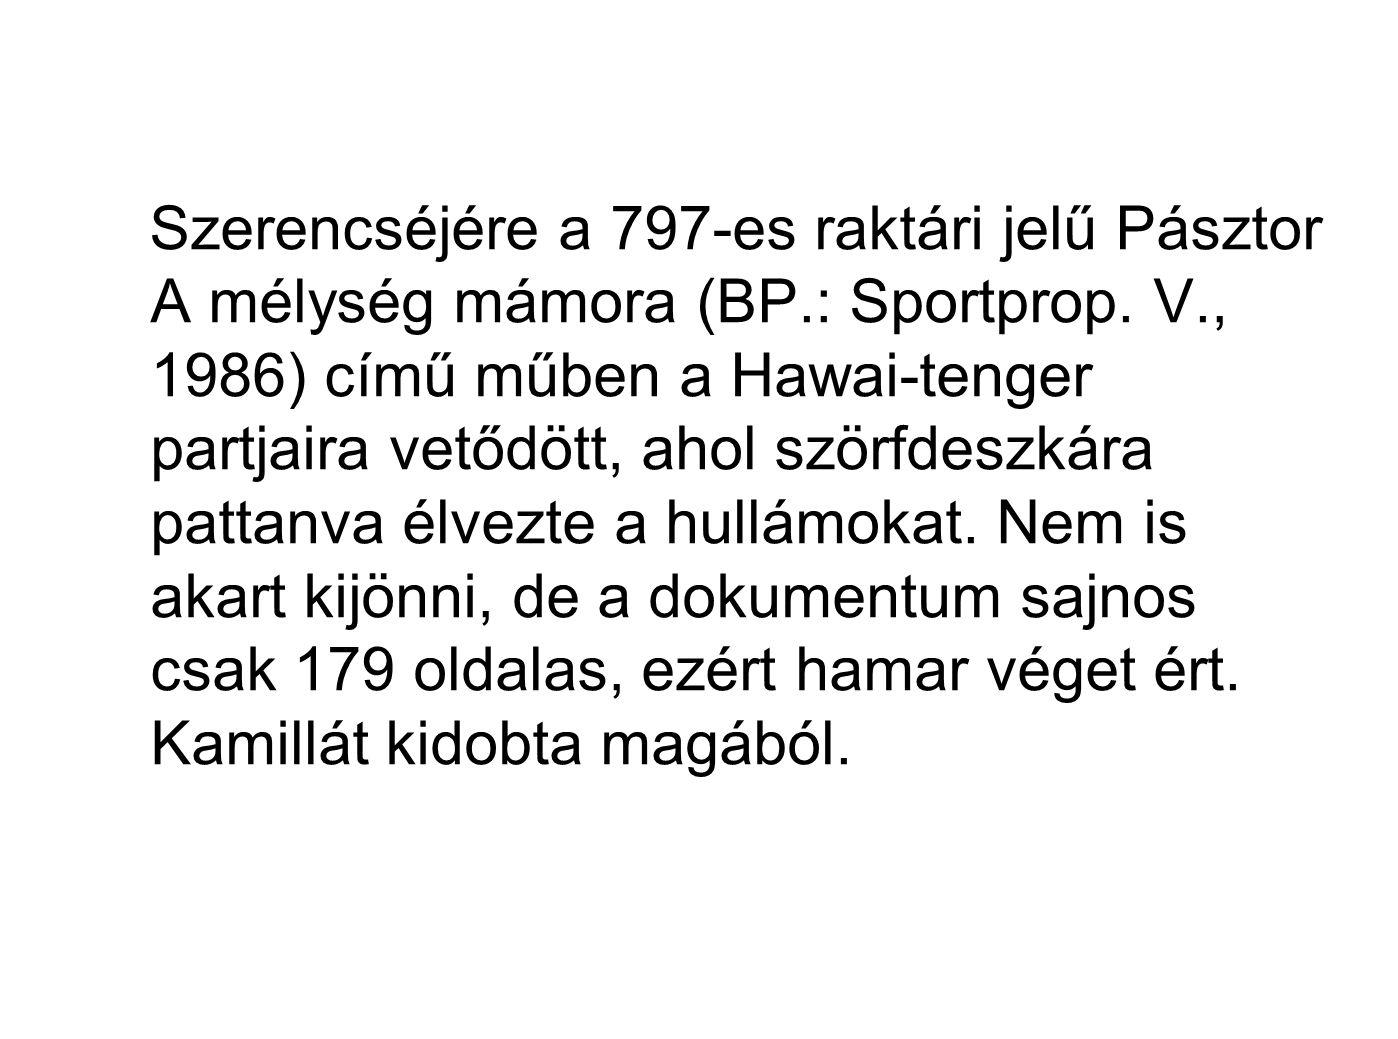 Szerencséjére a 797-es raktári jelű Pásztor A mélység mámora (BP.: Sportprop.